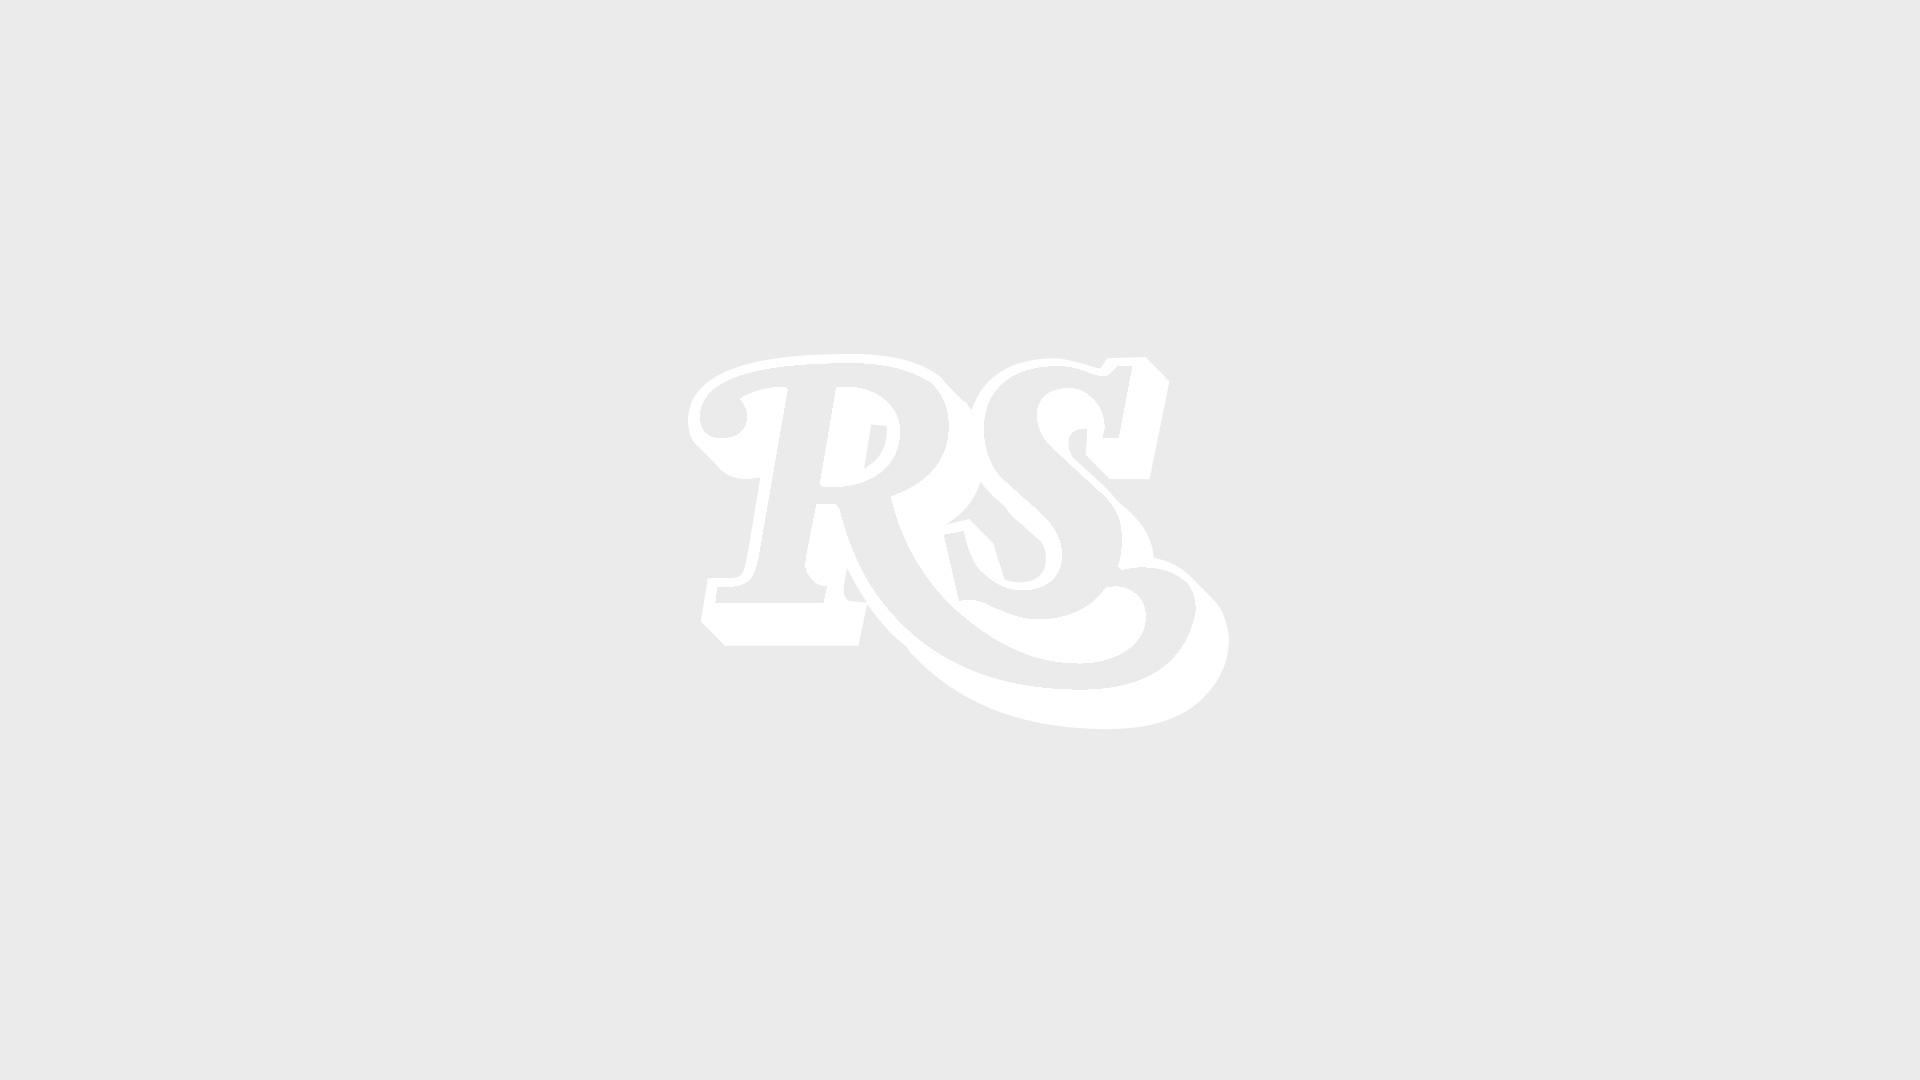 Rechtsmediziner laden am 14.11.2015 vor dem Bataclan Theater in Paris (Frankreich) eine Leiche in einen Transportwagen. Bei e